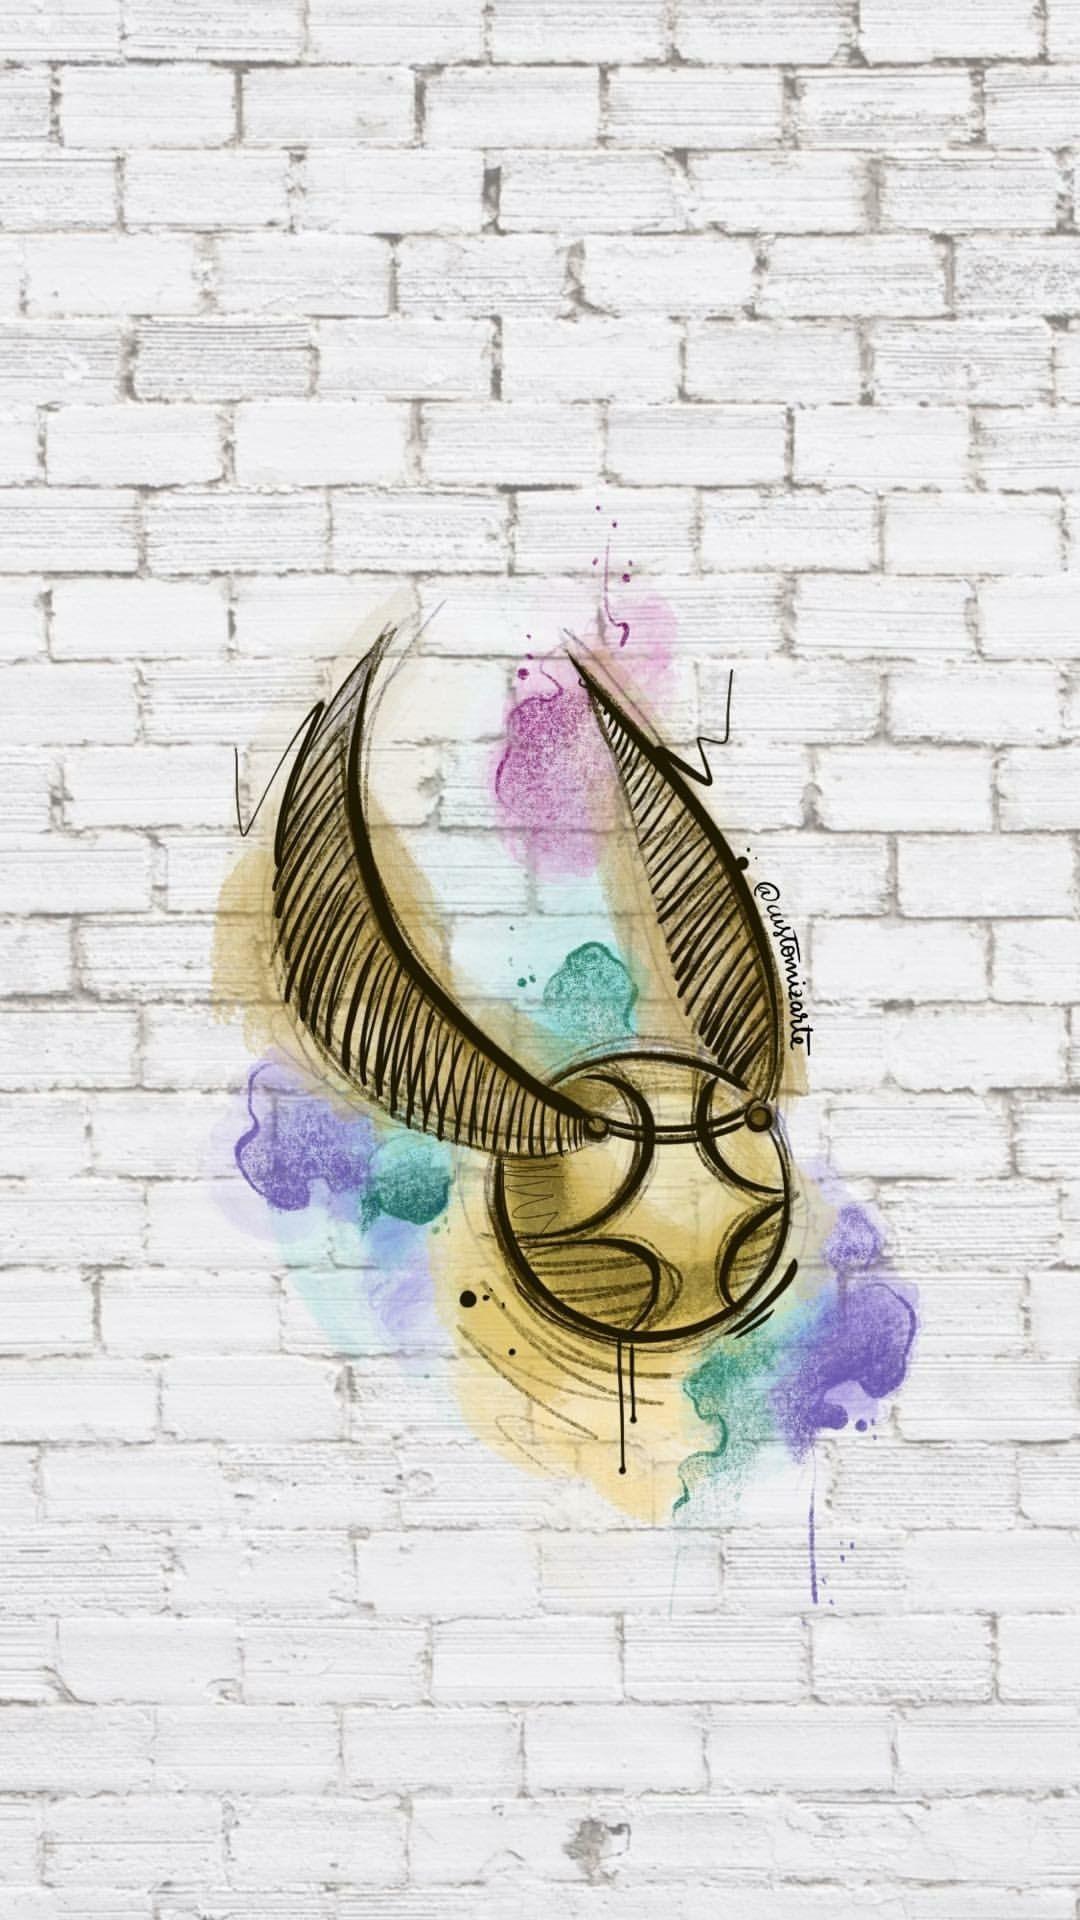 Epingle Par Ns Sur Harry Potter Art Harry Potter Harry Potter Anime Dessin Harry Potter